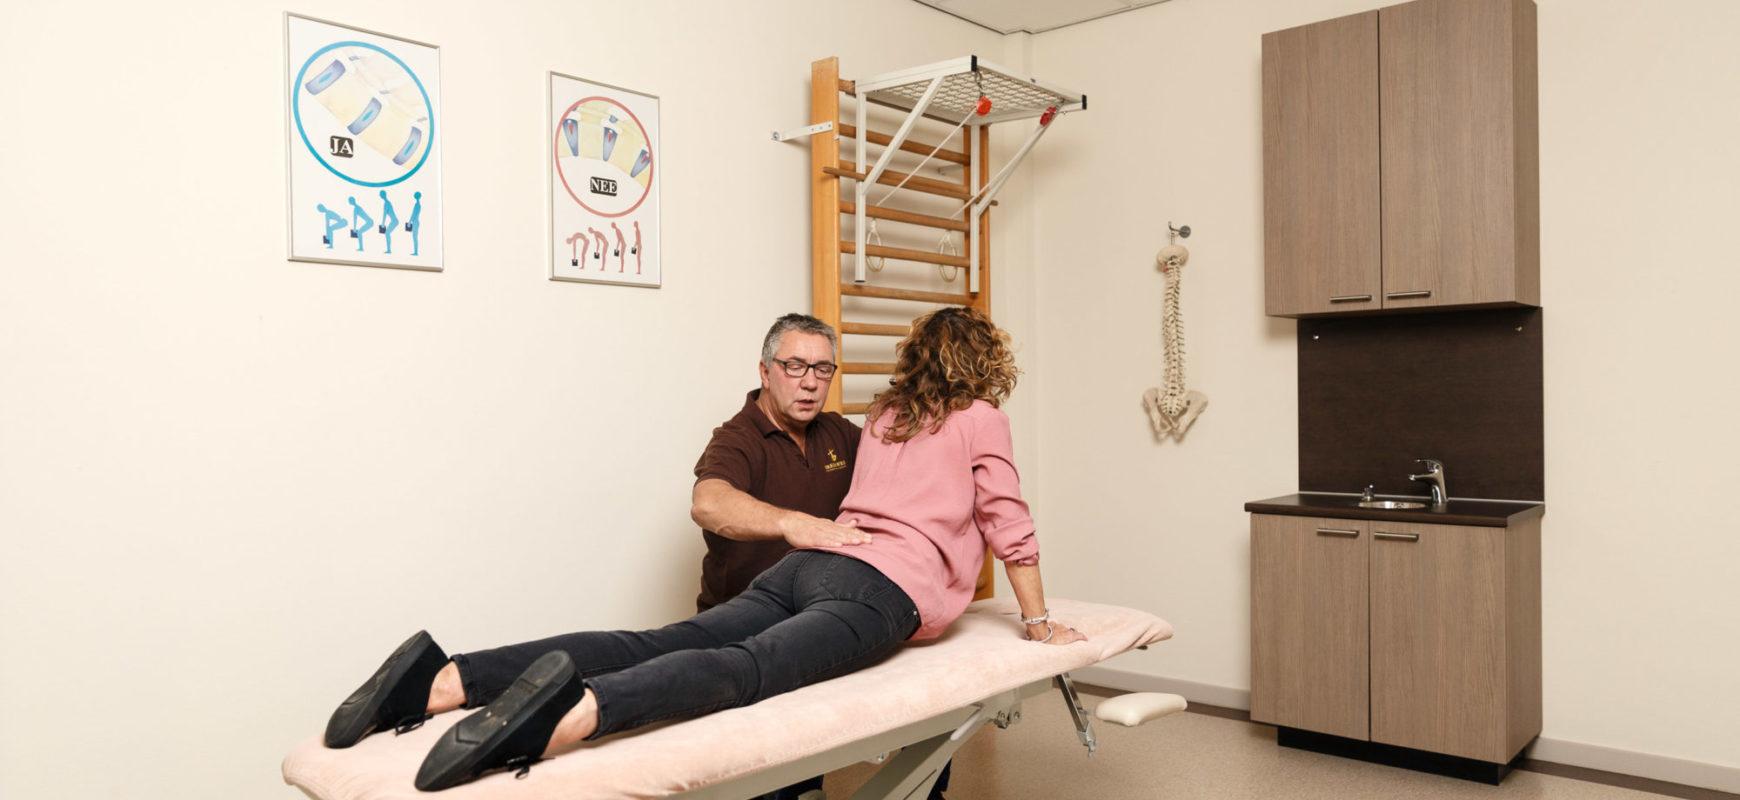 fysiotherapie, breda, breda west, paramedisch centrum, fysiotherapeut, fysiotherapiepraktijk, behandelingen, rugpijn, rugklachten, nekpijn, nekklachten fysiotherapiepraktijk breda, fysio, fysio breda, fysiotherapiepraktijk, fysiobehandeling, fysiobehandeling breda, fysiopraktijk, fysiopraktijk breda, fysiotherapeut, fysiotherapeut breda, fysiotherapeuten, fysiotherapeuten breda, fysiotherapie, fysiotherapie breda, fysiotherapiebehandeling, fysiotherapiebehandeling breda, fysiotherapiepraktijk, fysiotherapiepraktijk breda, breda west, breda west fysiotherapie, breda west pmc